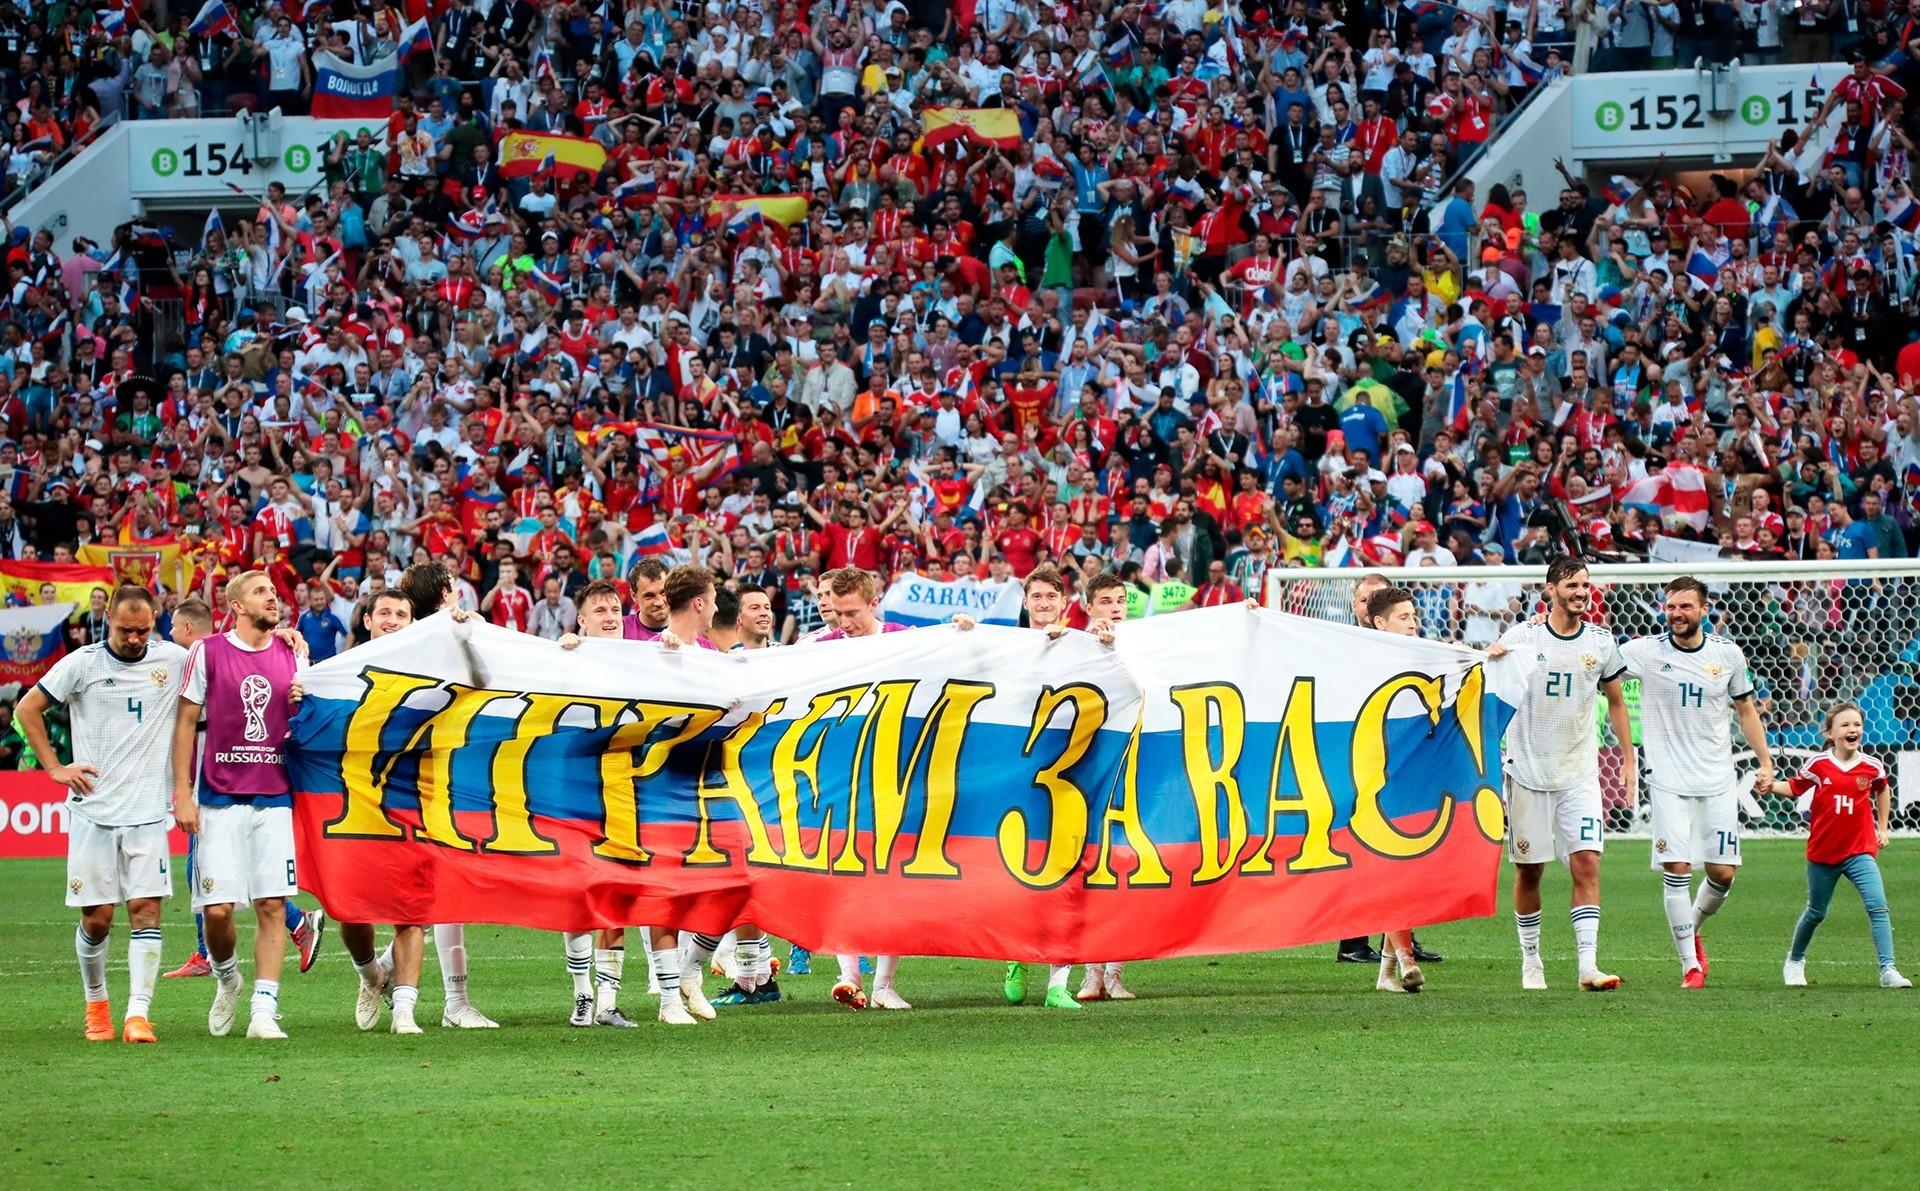 Nogometaši Rusije s transparentom »Igramo za vas«